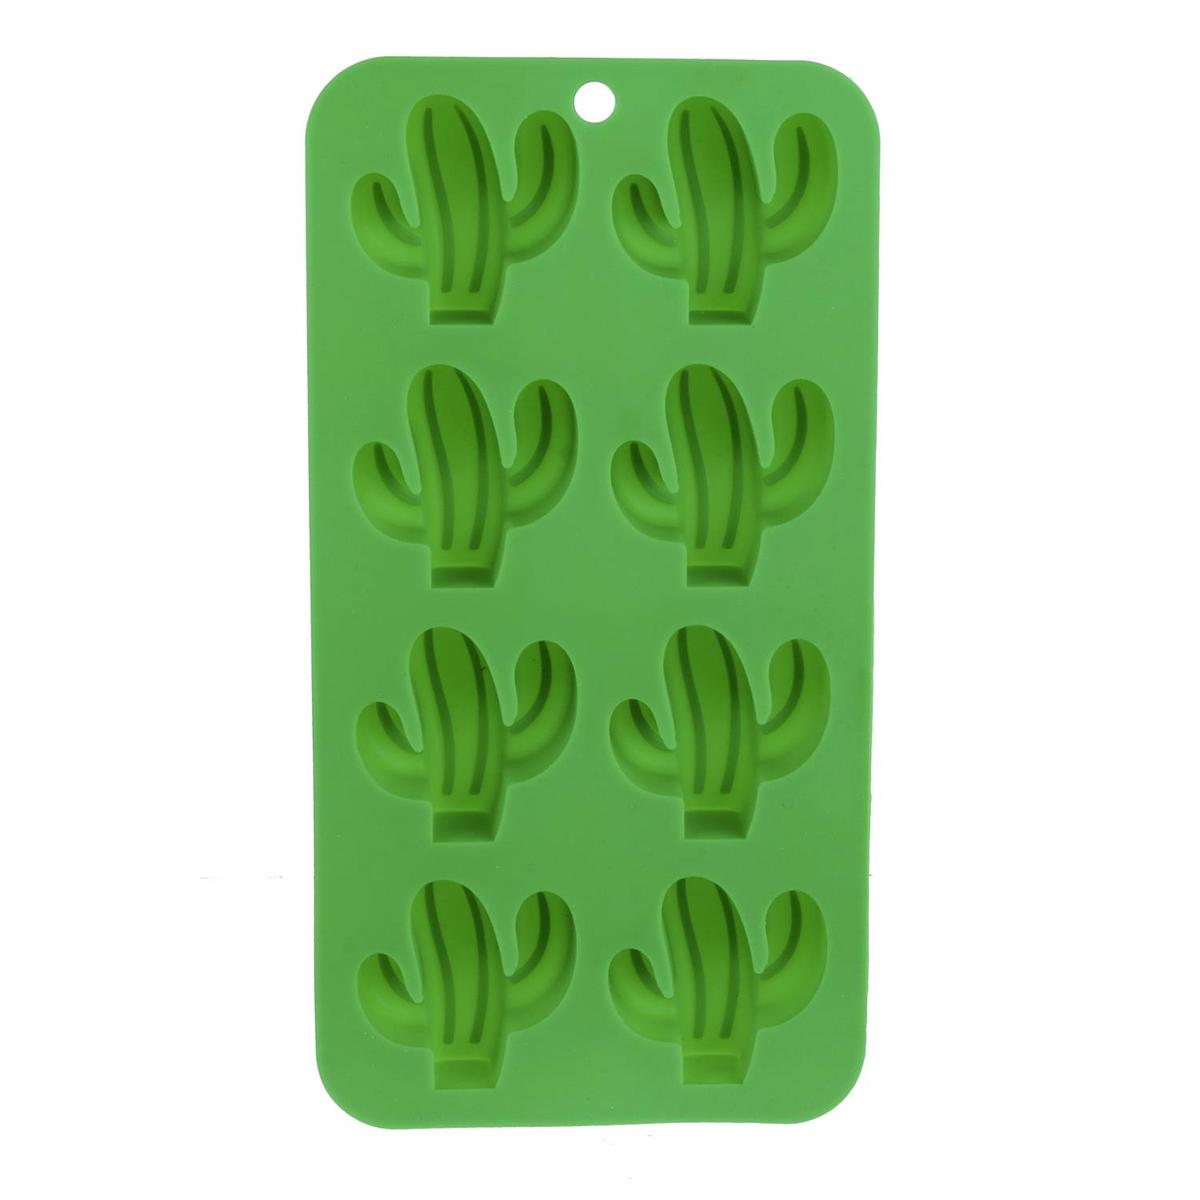 Moule à glaçons silicone \'Cactus\' vert (8 glaçons) - 21x11 cm - [Q0767]